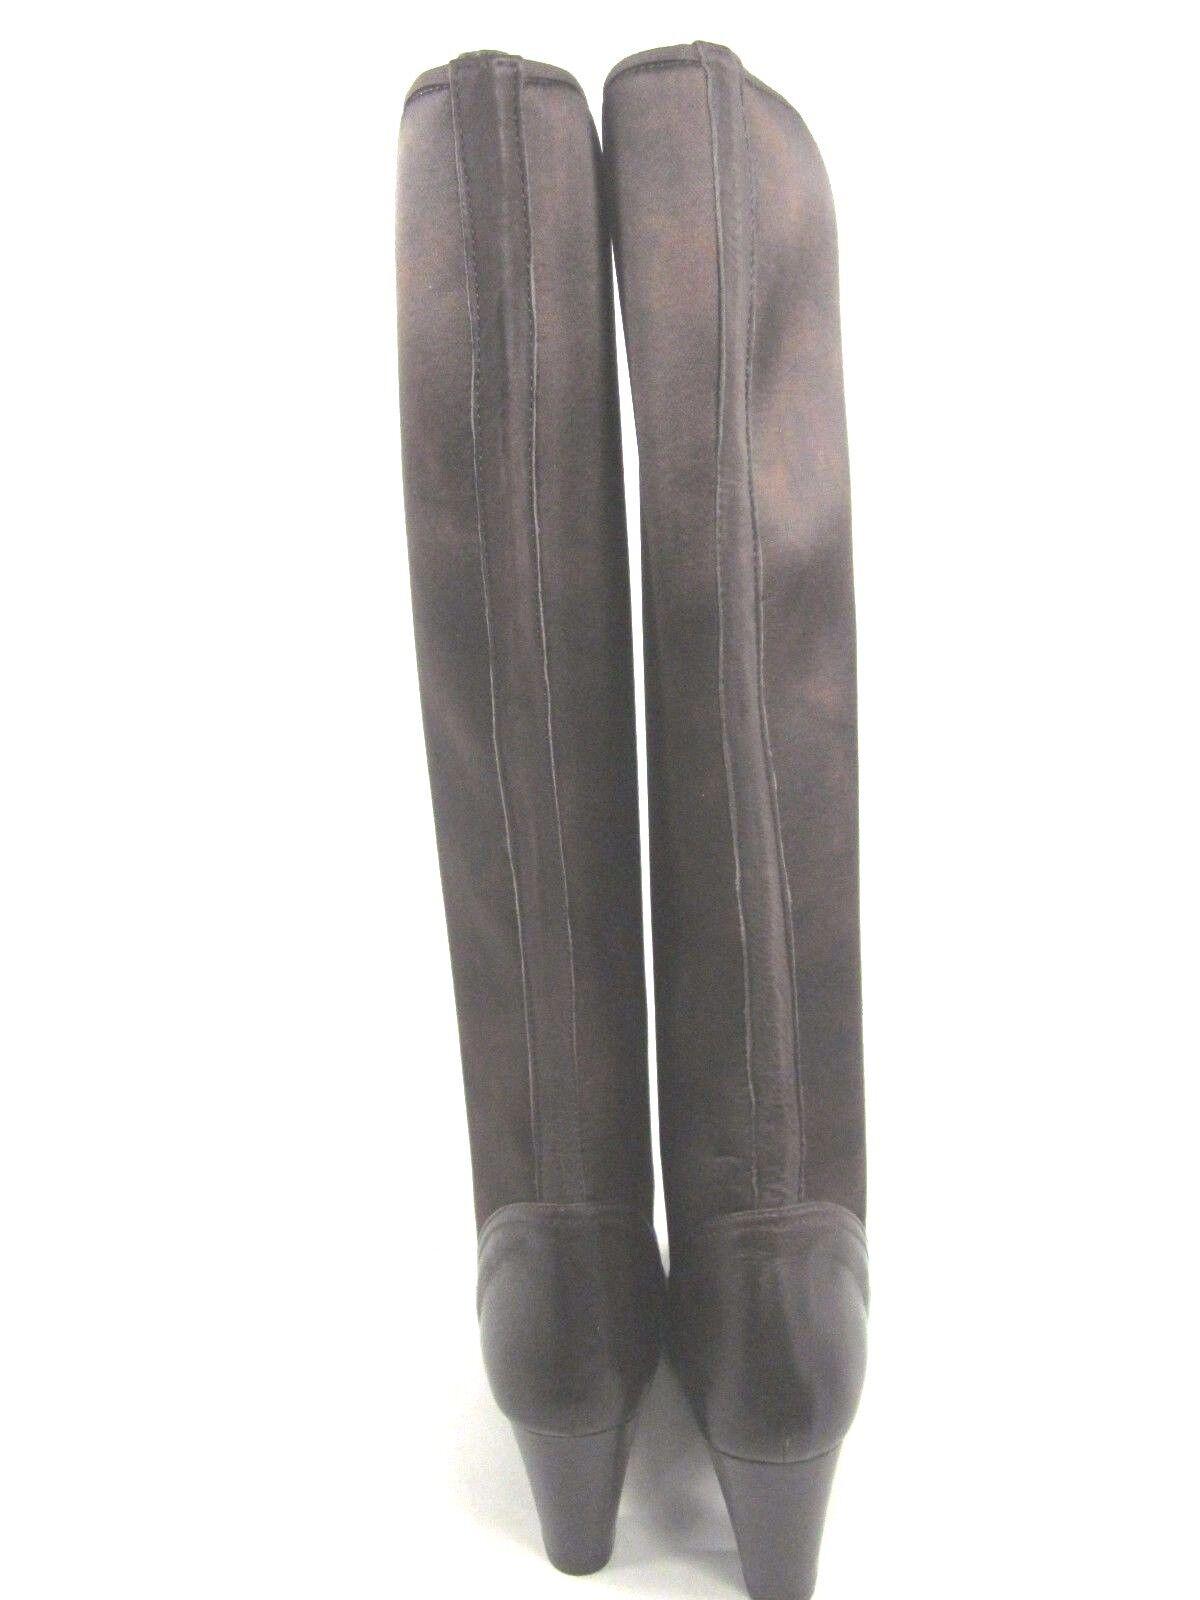 AMALFI AMALFI AMALFI BY RANGONI WOMEN'S AURA TALL FASHION BOOTS,T Mgold, US SIZE 5 MEDIUM 76bfc8